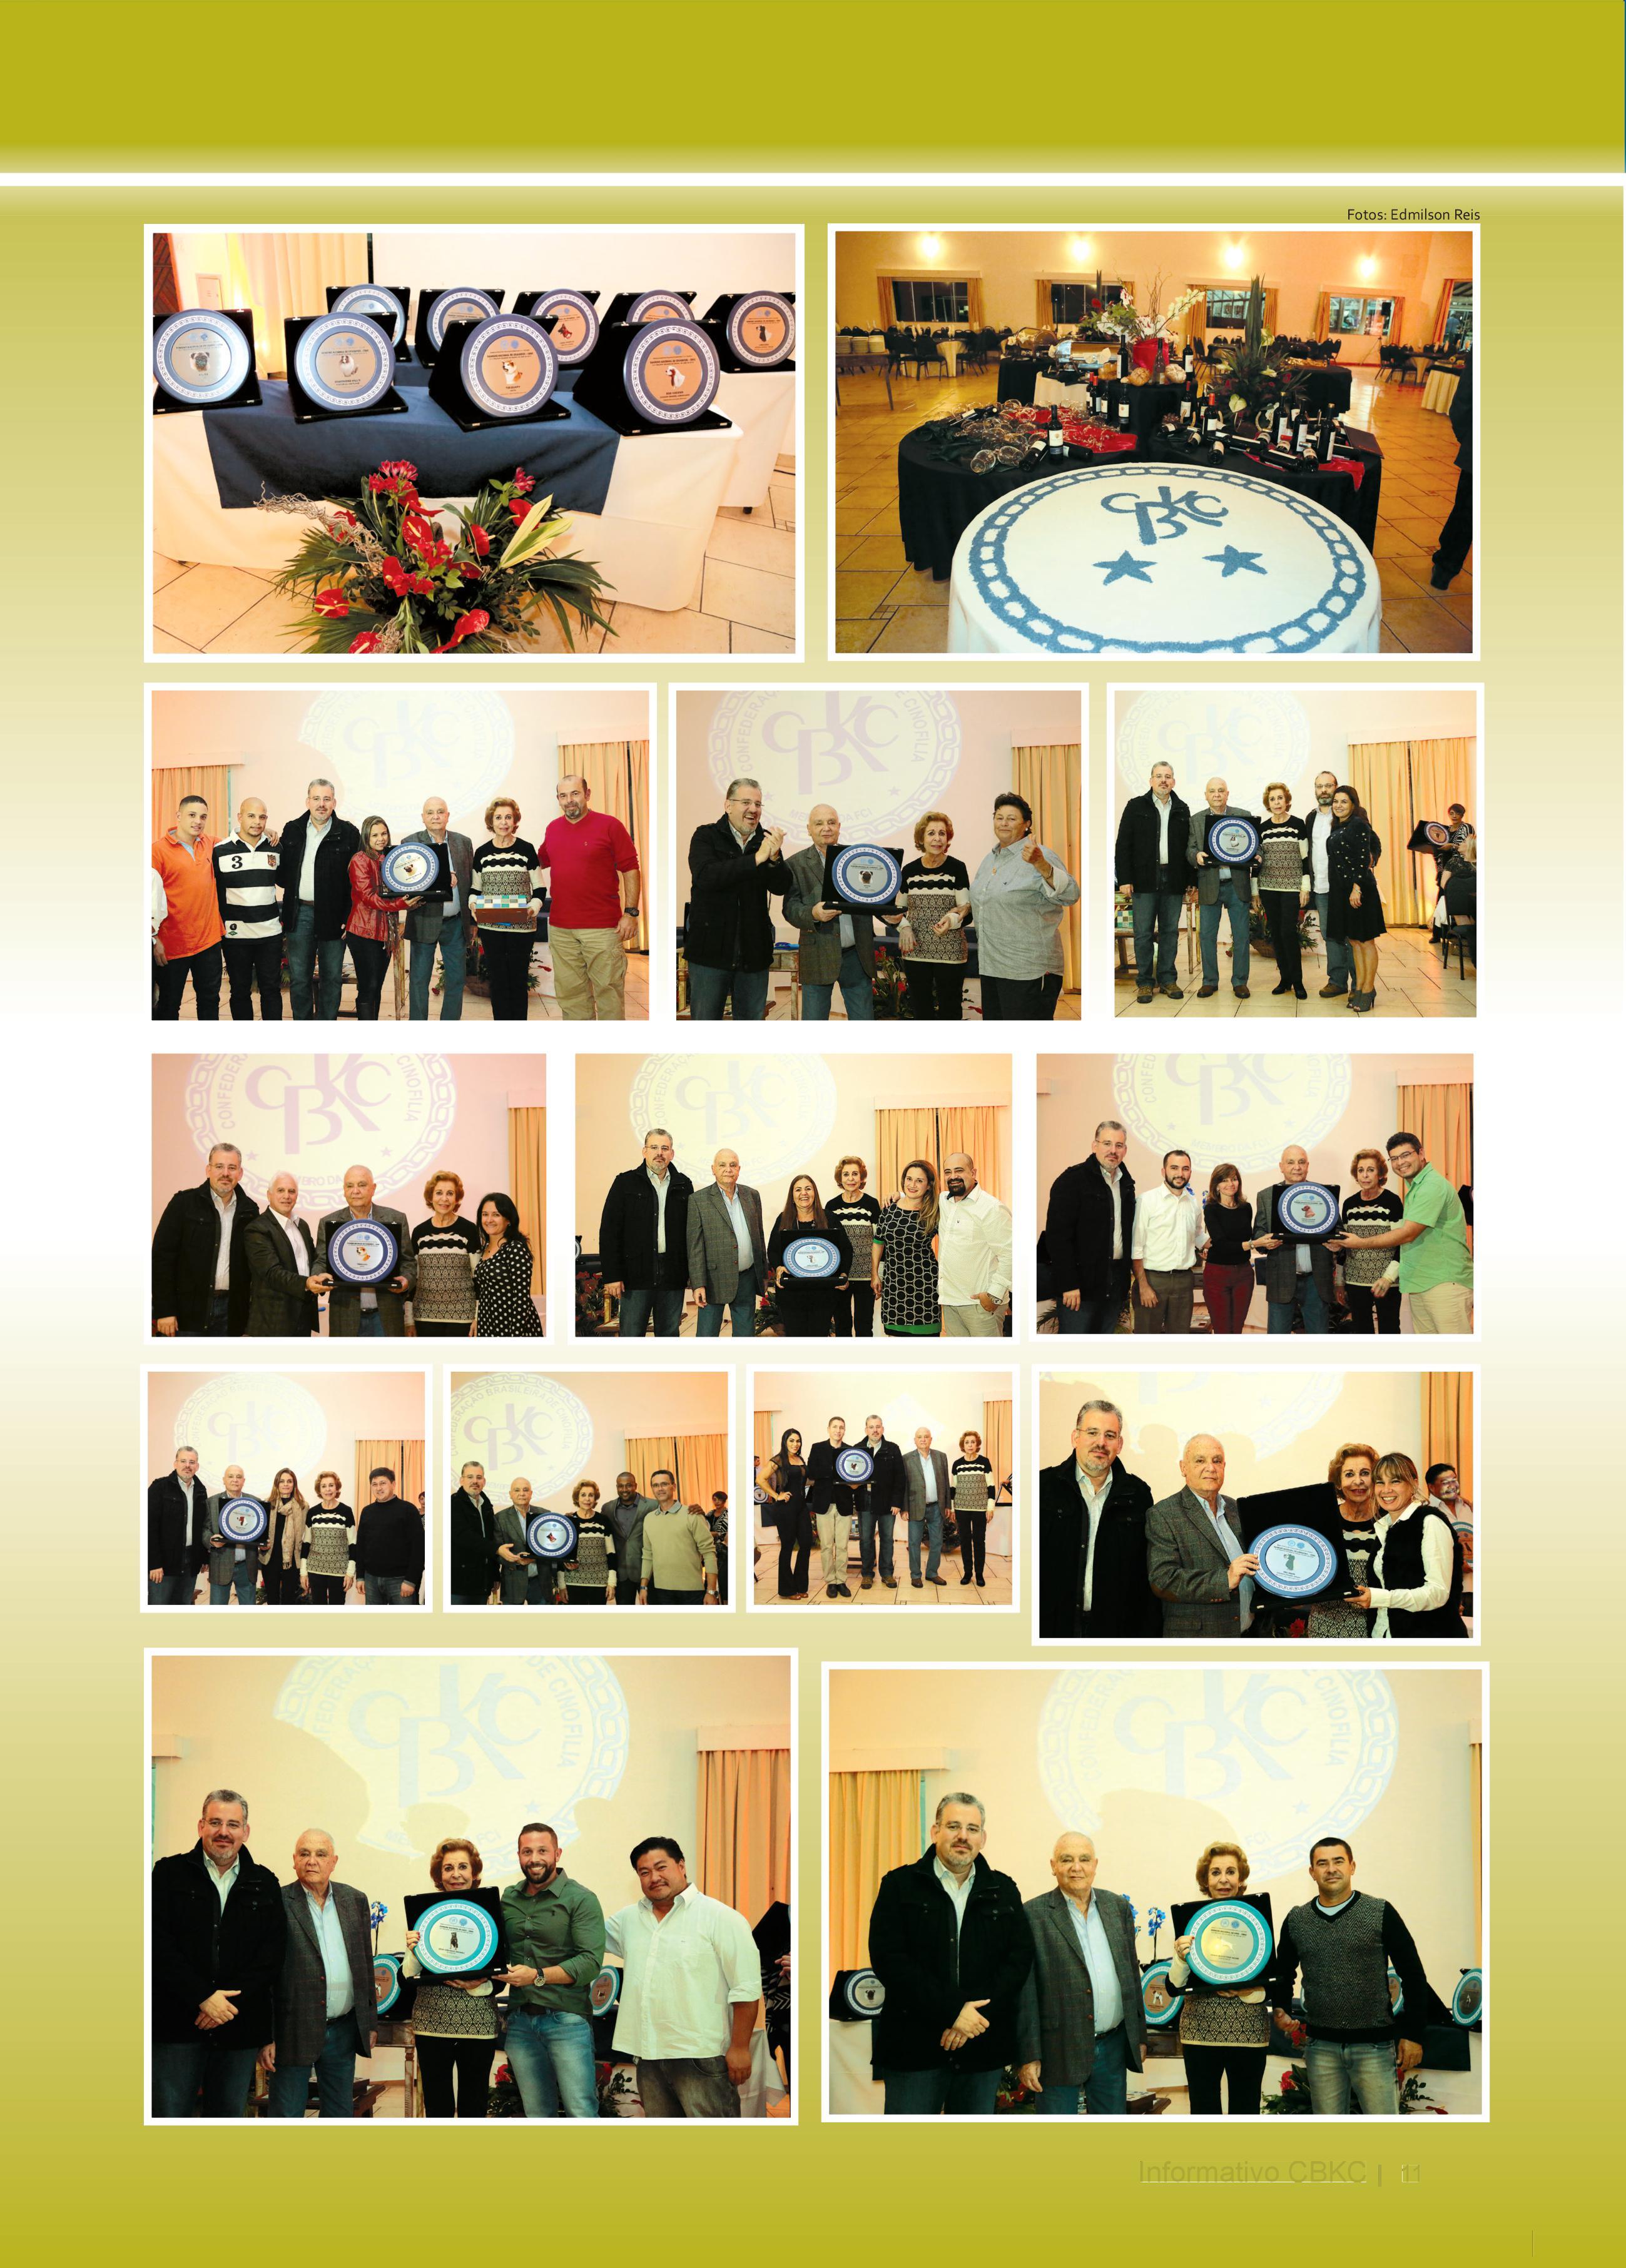 Pagina 11| Edição 52 do Informativo CBKC